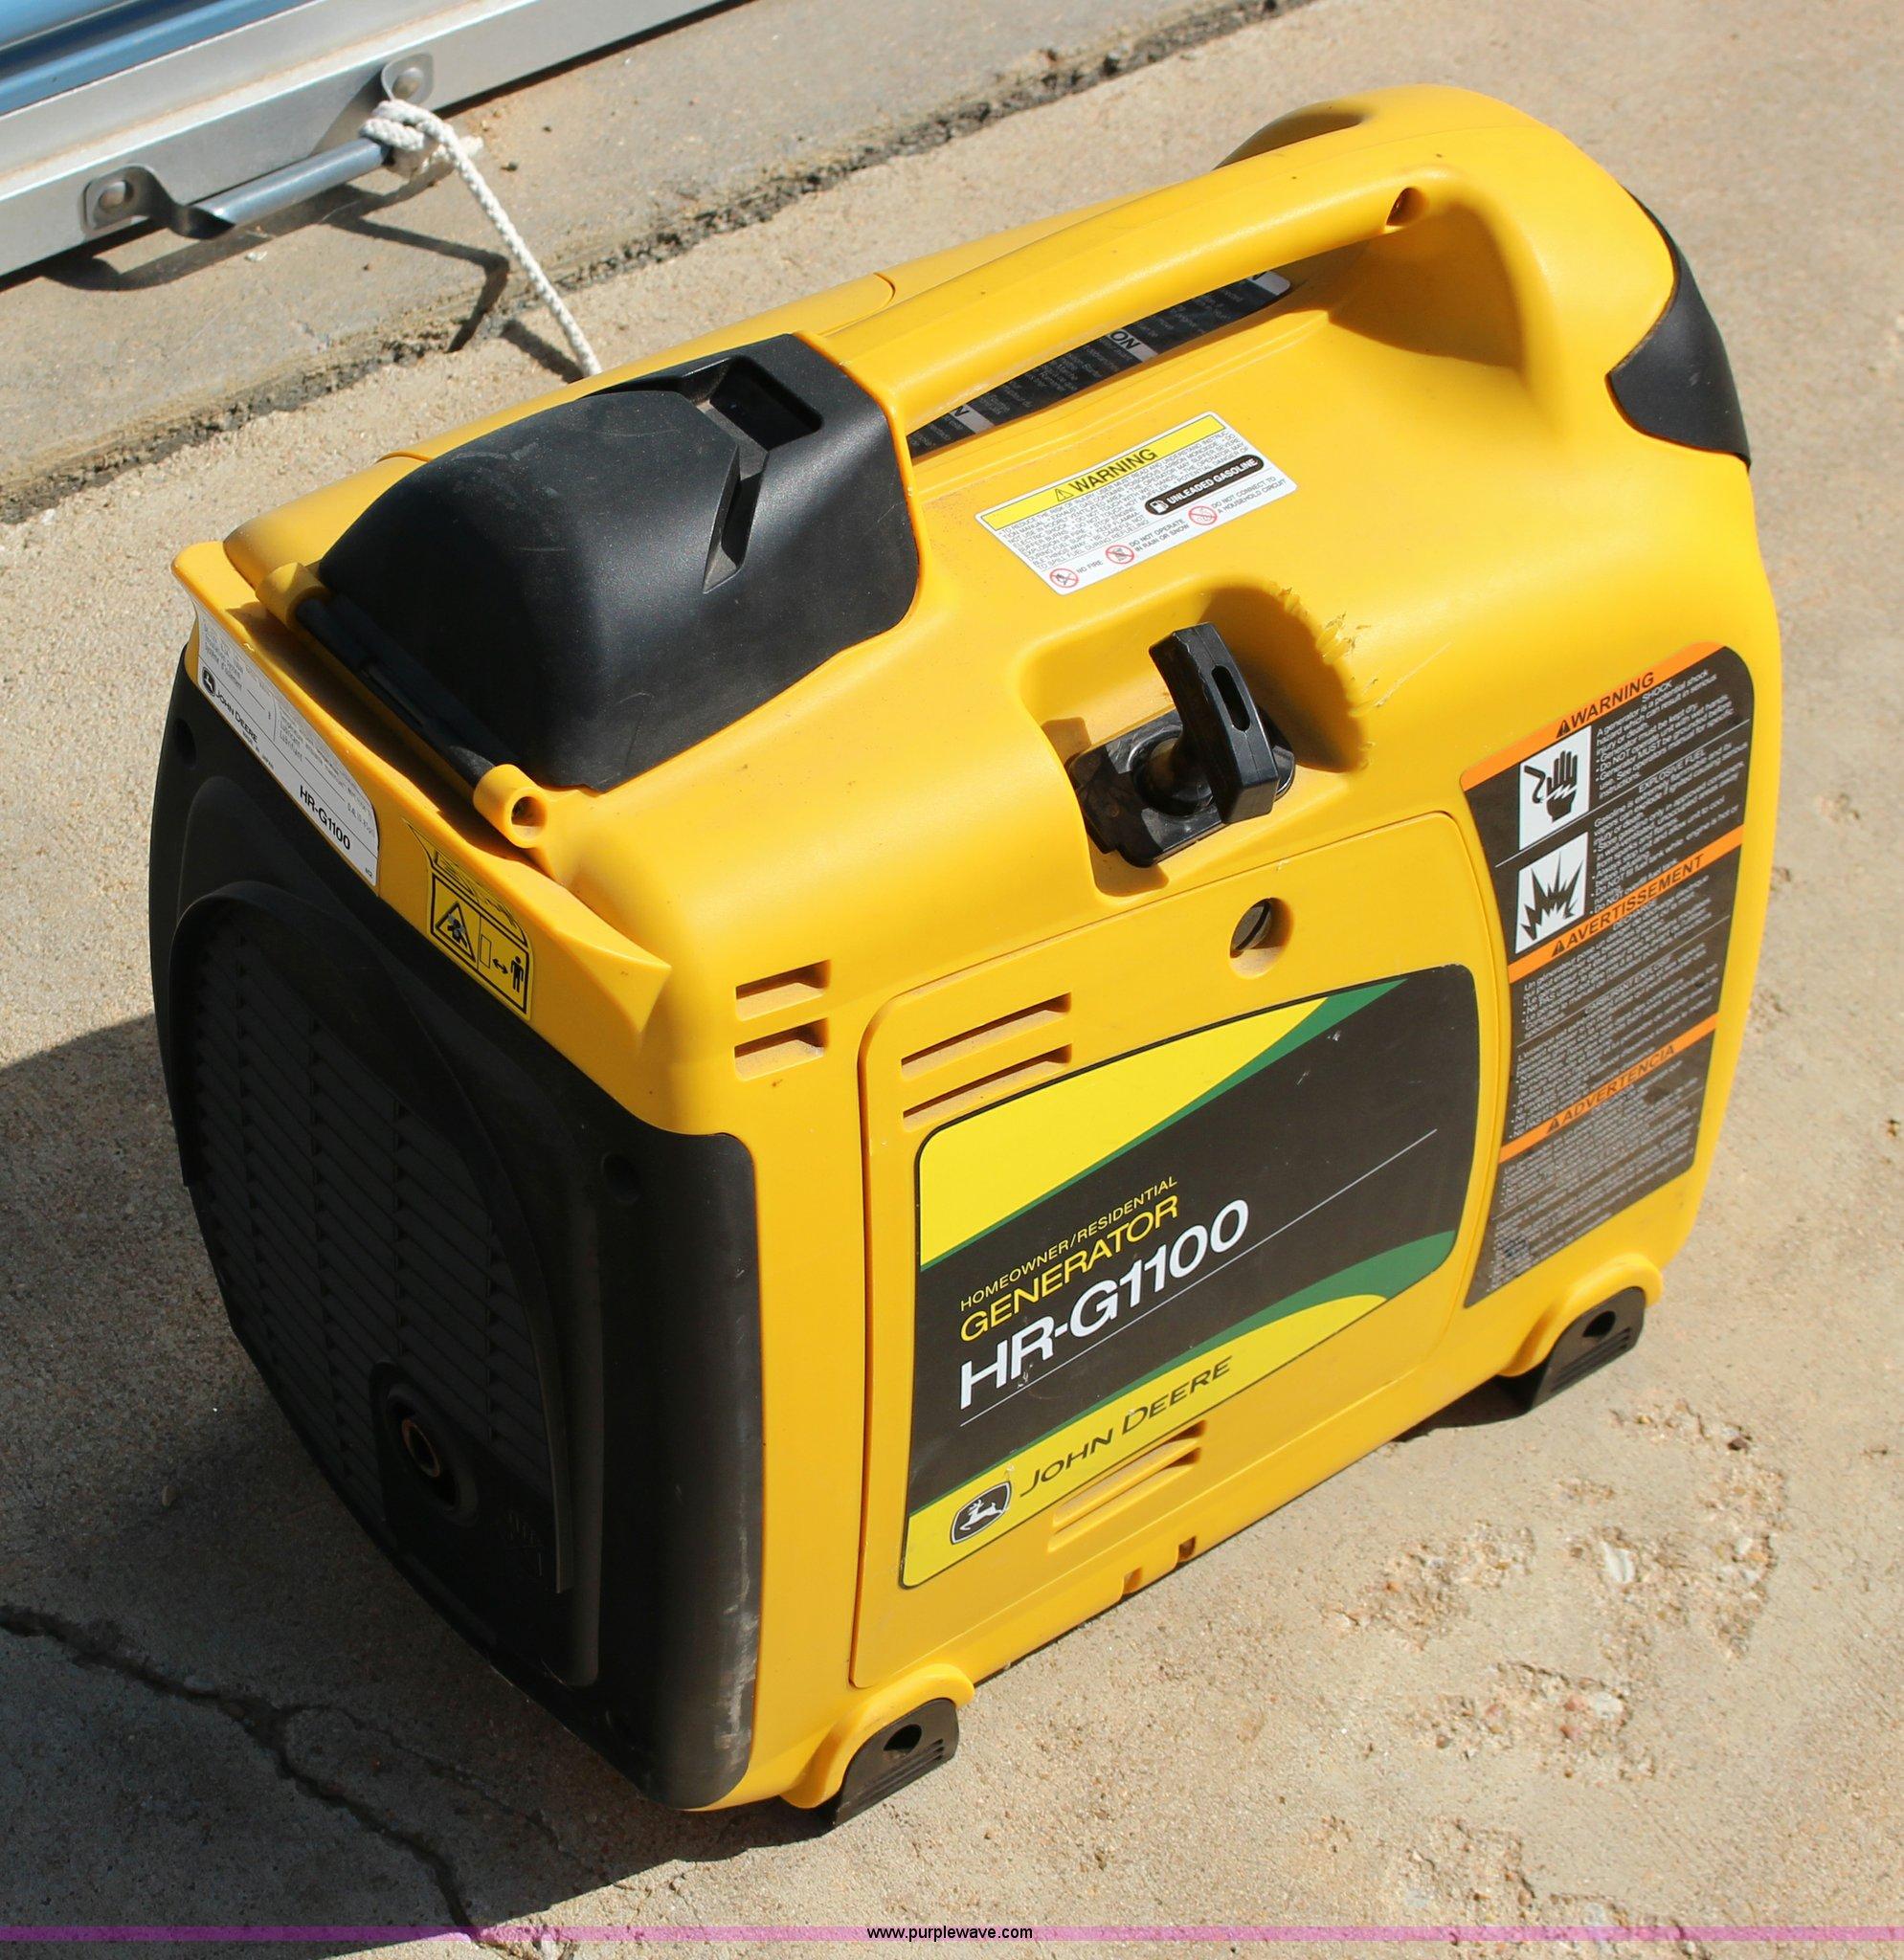 John Deere HR G1100 generator Item BC9192